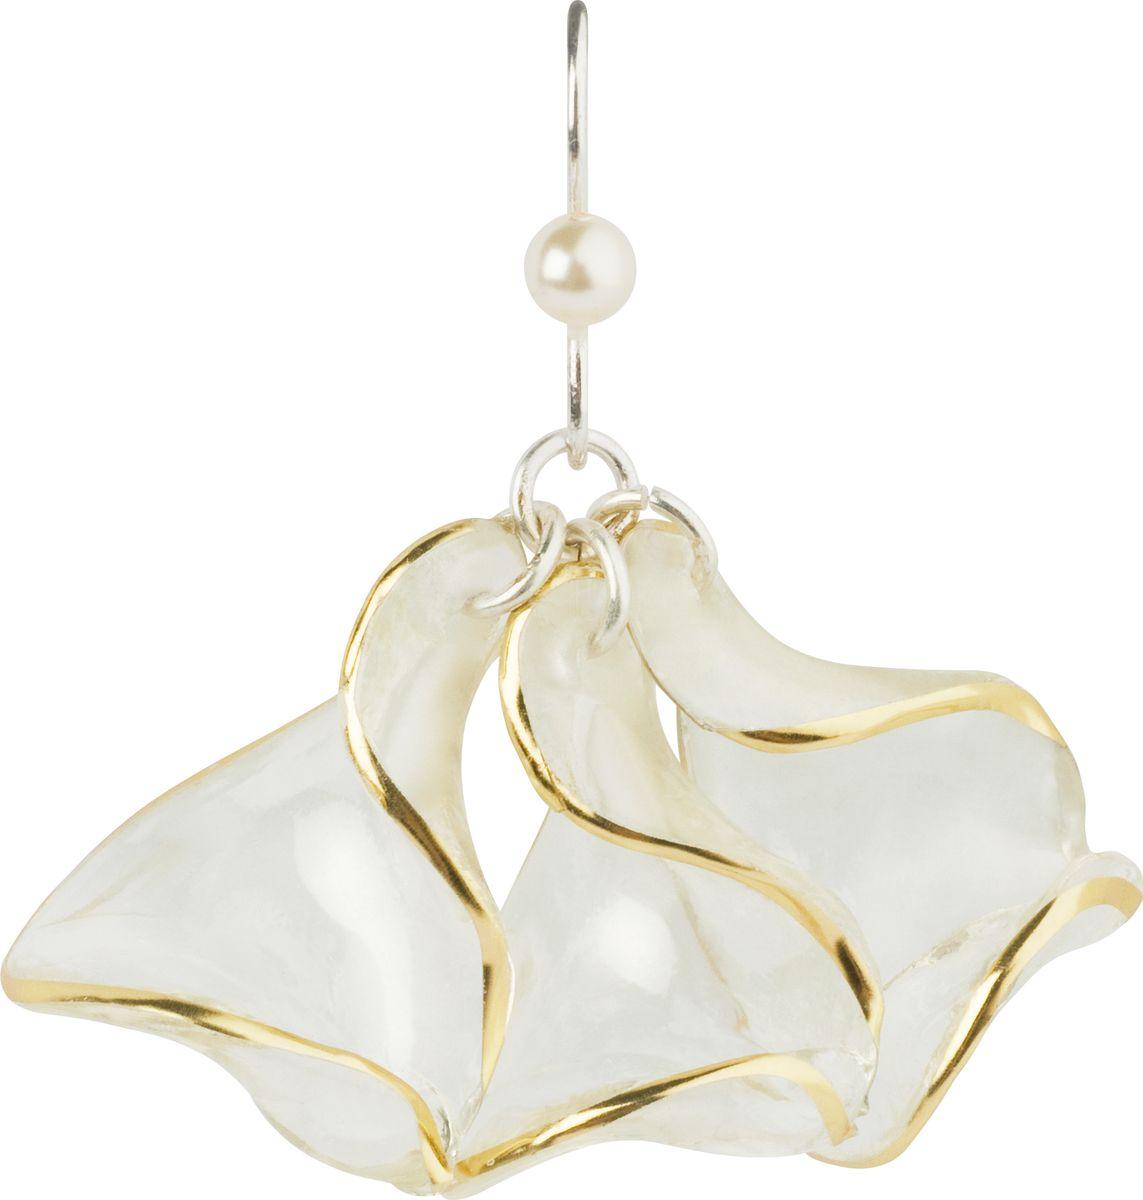 Серьги Lalo Treasures, цвет: белый, золотой. E3521/4E3521/4Оригинальные серьги Lalo Treasures изготовлены из металлического сплава, дополнены декоративными элементами из ювелирной смолы. Изделие застегивается на замок-пряжка, которая надежно зафиксирует серьги. Стильные серьги не оставят равнодушной ни одну любительницу изысканных украшений и помогут создать собственный неповторимый образ.